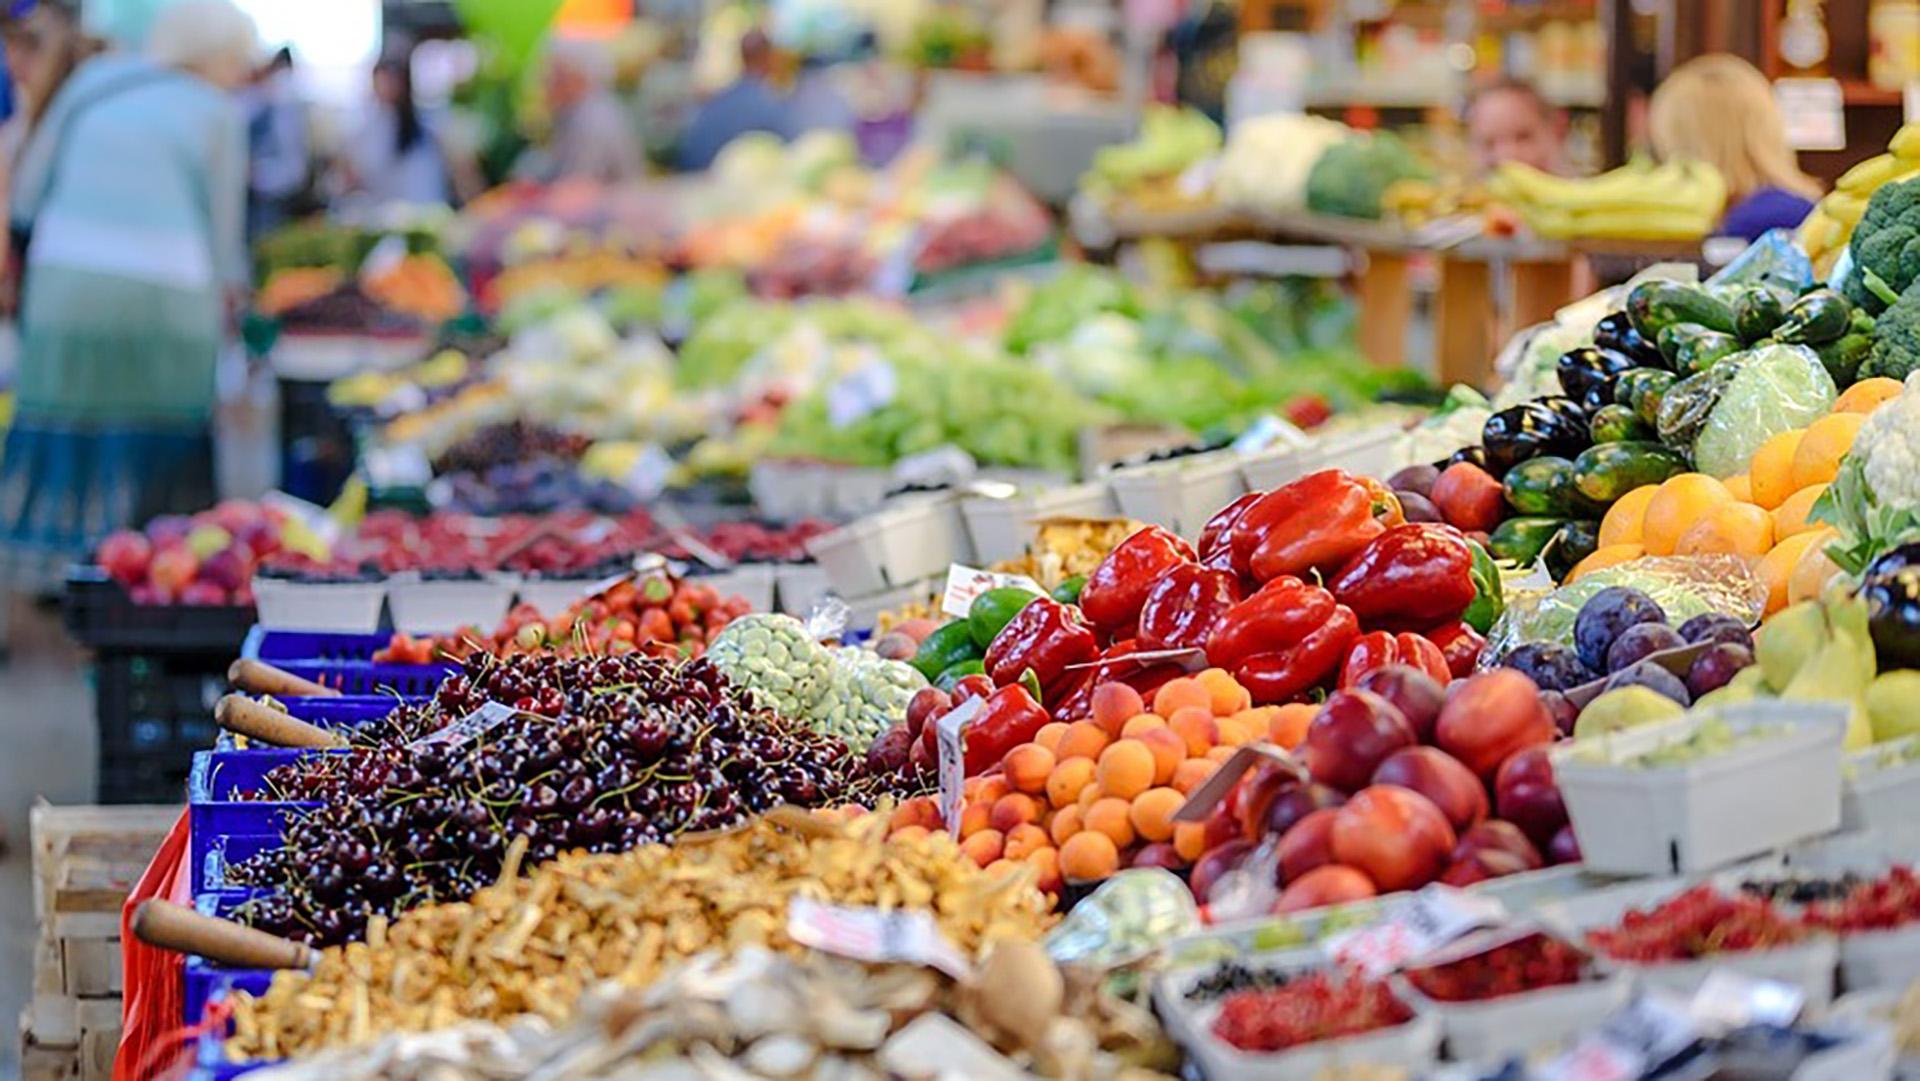 Comer más vegetales y reducir la ingesta de alimento de origen animal proporciona una buena salud Foto: (Archivo)